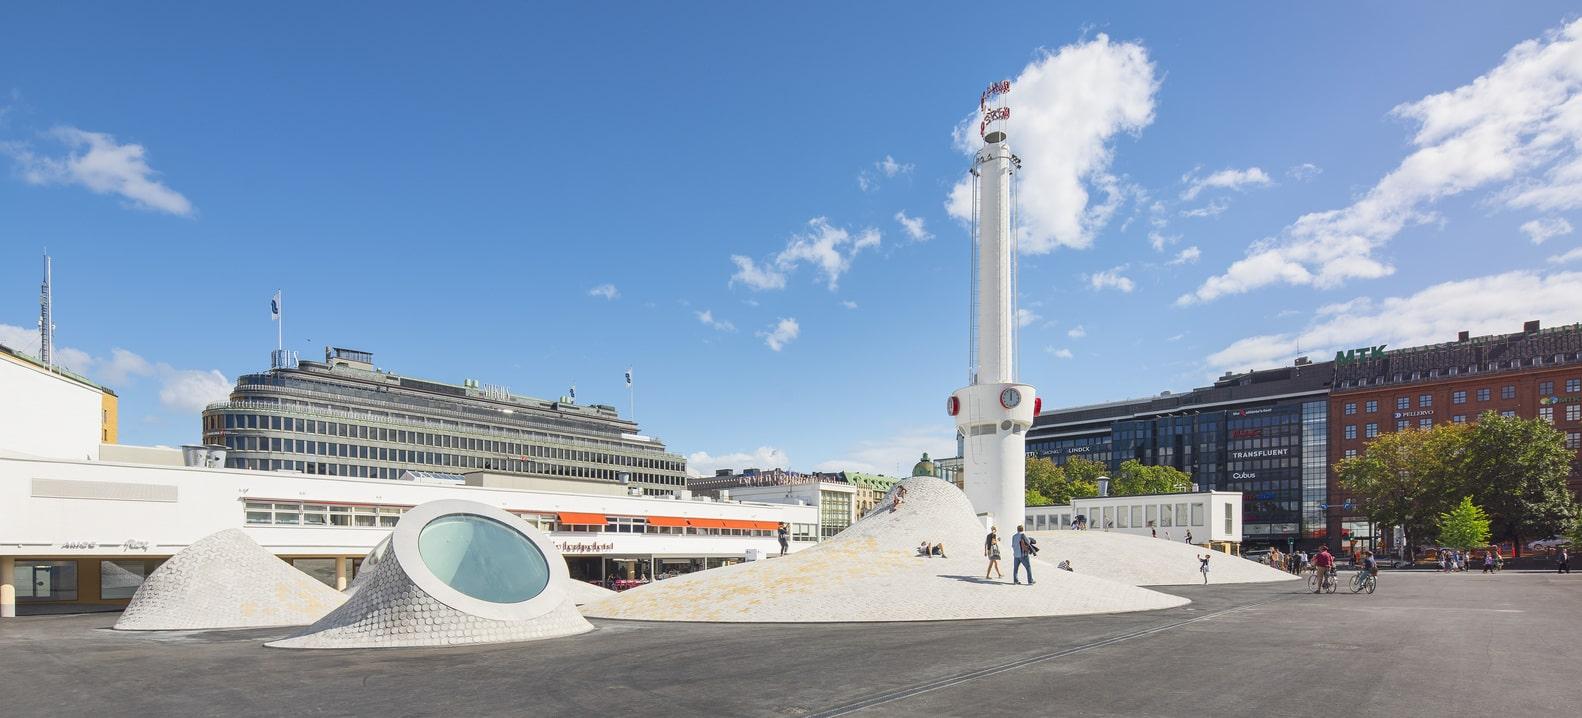 فضاهای عمومی